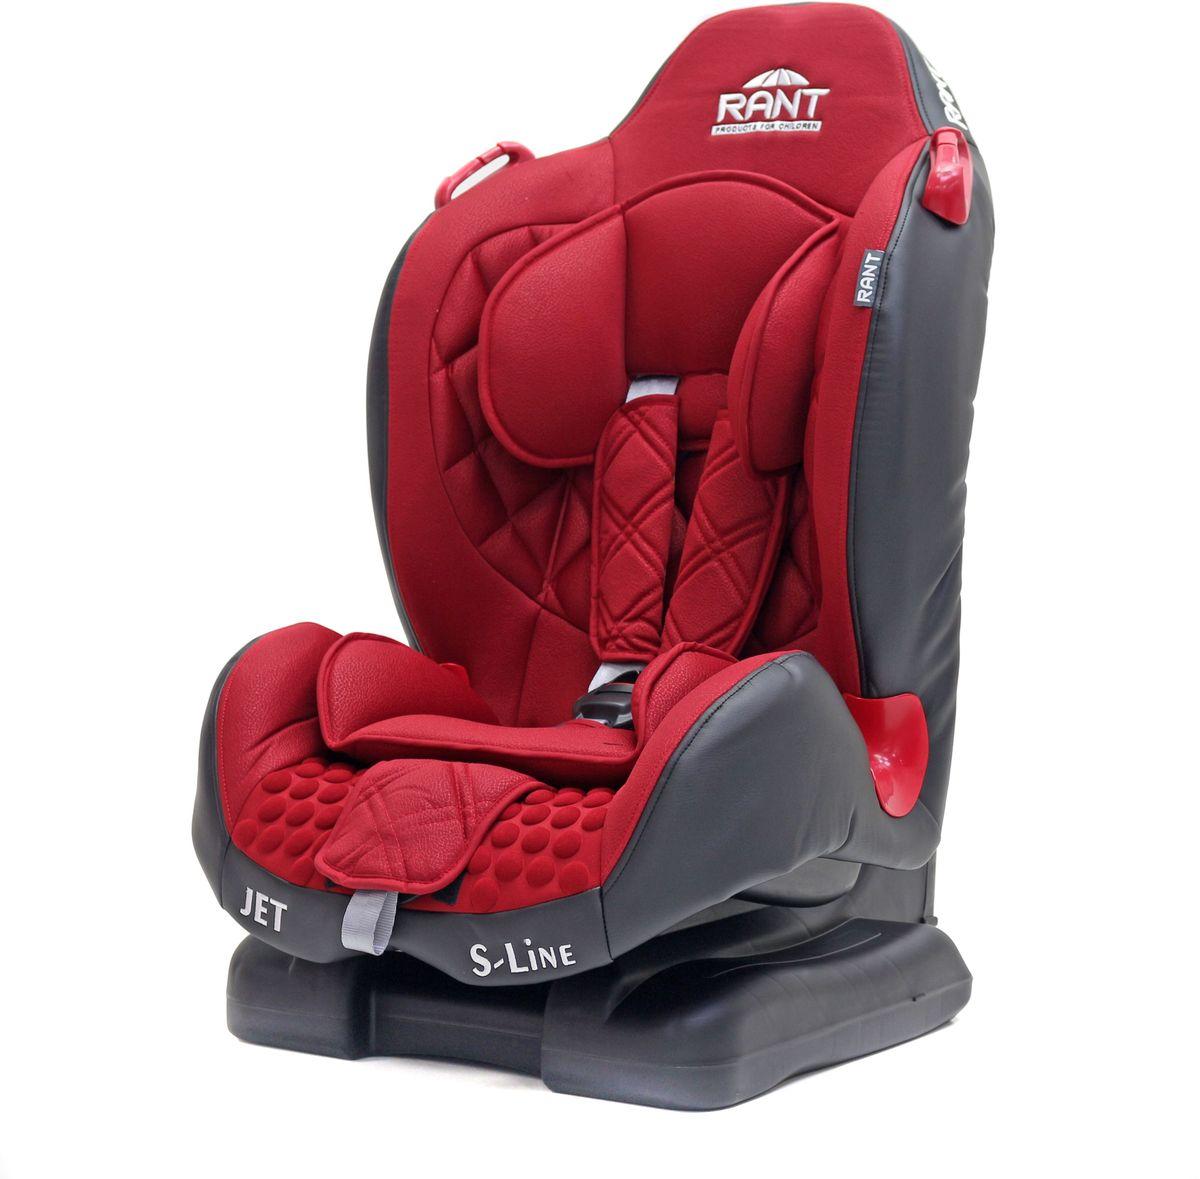 Rant Автокресло Jet цвет красный от 9 до 25 кг229662Автокресло Rant Jet – имеет съемный пятиточечный ремень безопасности с мягкими плечевыми накладками и антискользящими нашивками. Rant Jet – это удобная, комфортная модель с хорошим уровнем безопасности. Внутренние 5-точечные ремни безопасности с мягкими плечевыми накладками надежно удерживают малыша в автокресле. Ремни интегрированы в подголовник, регулируются по высоте одновременно с поднятием подголовника. Имеют центральную систему натяжения и прочный, практичный замок. Сиденье увеличенной ширины сделает более комфортной поездки уже подросшего ребенка. Угол наклона спинки регулируется в 3-х положениях. Для самых маленьких пассажиров предусмотрен мягкий съёмный вкладыш. Чехол автокресла изготовлен из качественной, высокопрочной, гипоаллергенной ткани. Легко снимается для чистки или стирки. Крепление и установка. Автокресло устанавливается по направлению движения, с помощью штатного ремня безопасности автомобиля. Ребёнок удерживается в кресле внутренними 5-точечными ремнями безопасности (до 18 кг) или штатным ремнём безопасности (от 18 кг). Безопасность. Автокресло имеет усиленную боковую защиту. Корпус из ударопрочного пластика гарантируют защиту при боковых и фронтальных столкновениях. Пятиточечные ремни безопасности с мягкими плечевыми накладками надежно зафиксируют малыша в автокресле. Прочный и практичный замок фиксации ремней безопасности надежно удержит малыша при резких торможениях и толчках.Автокресло Jet сертифицировано и соответствует требованиям Европейского стандарта качества и безопасности ECE R44-04.